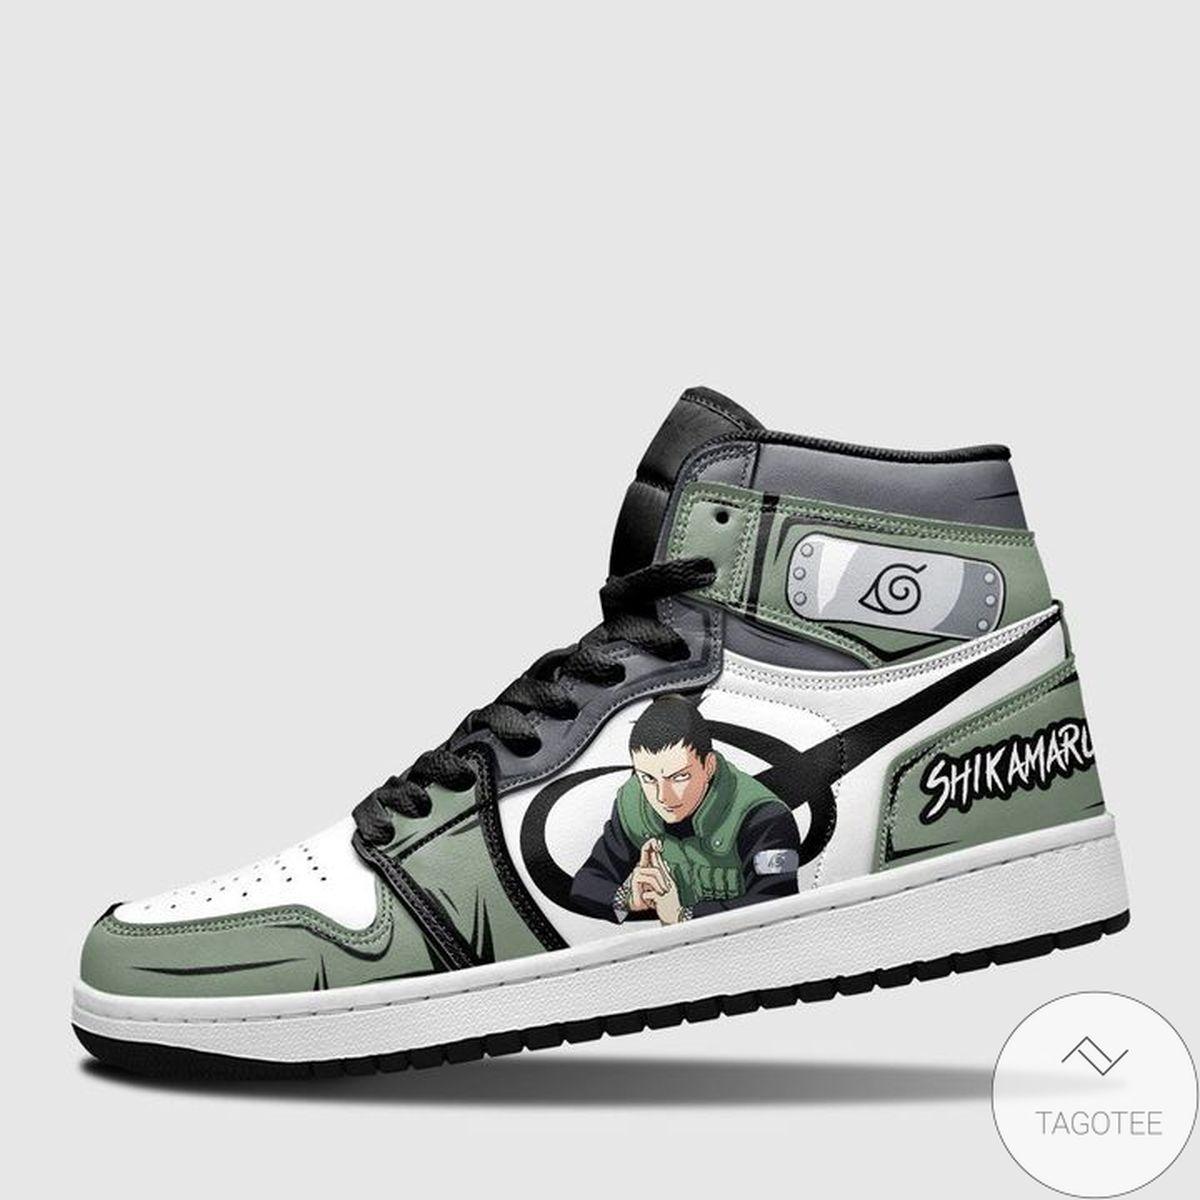 Hot Deal Nara Shikamaru Sneaker Air Jordan High Top Shoes